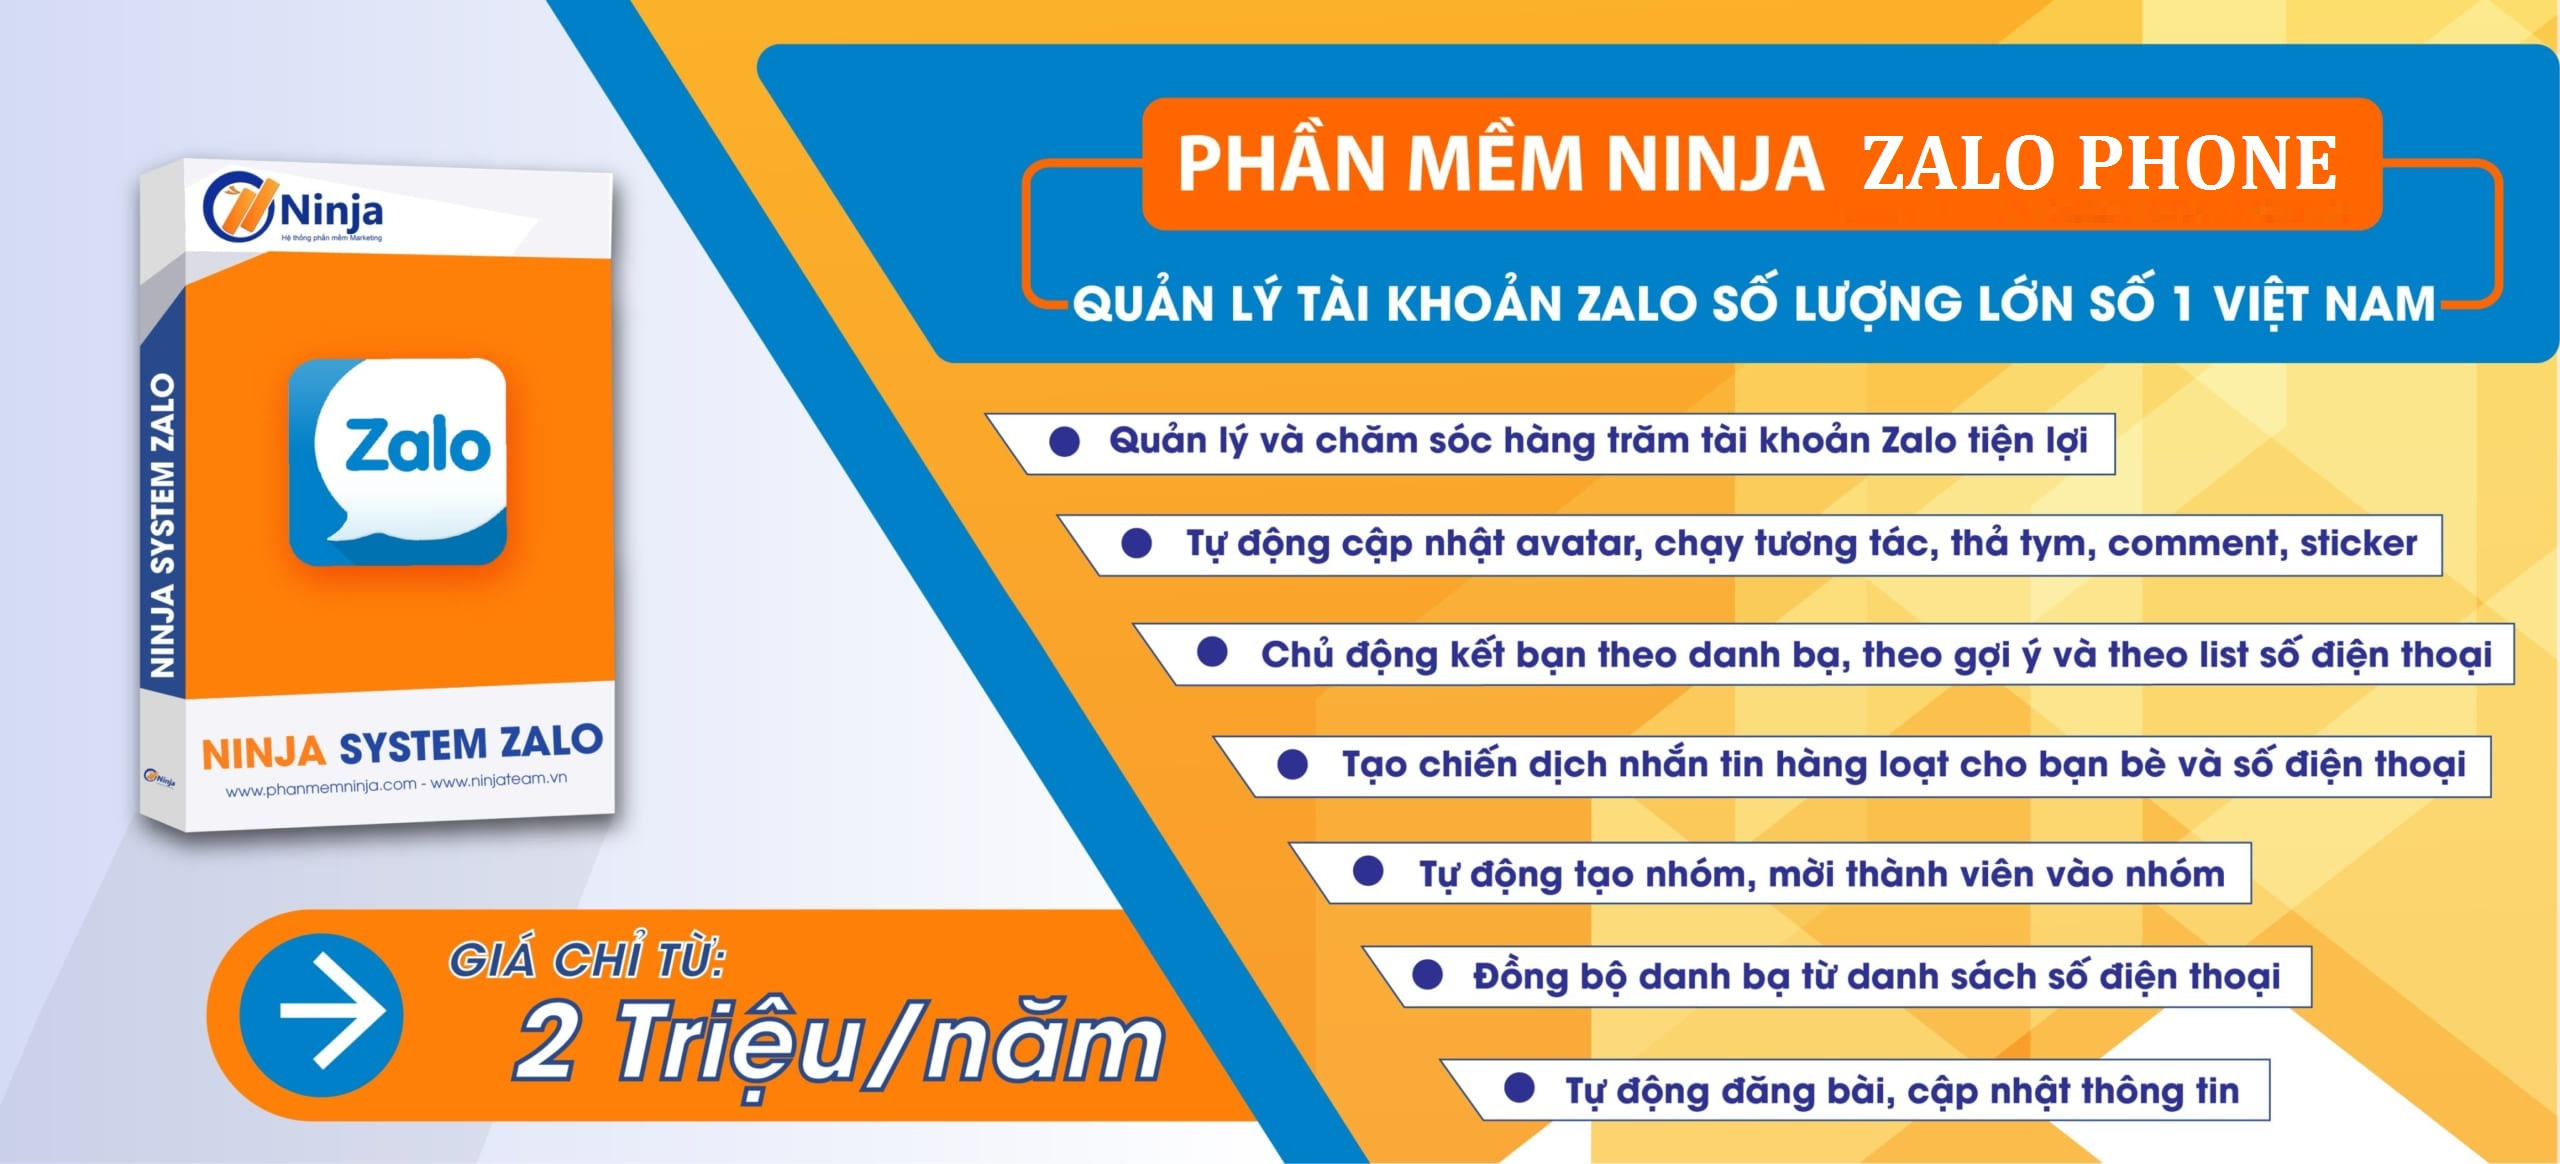 Phần mềm nuôi nick zalo trên điện thoại – Ninja Zalo Phone